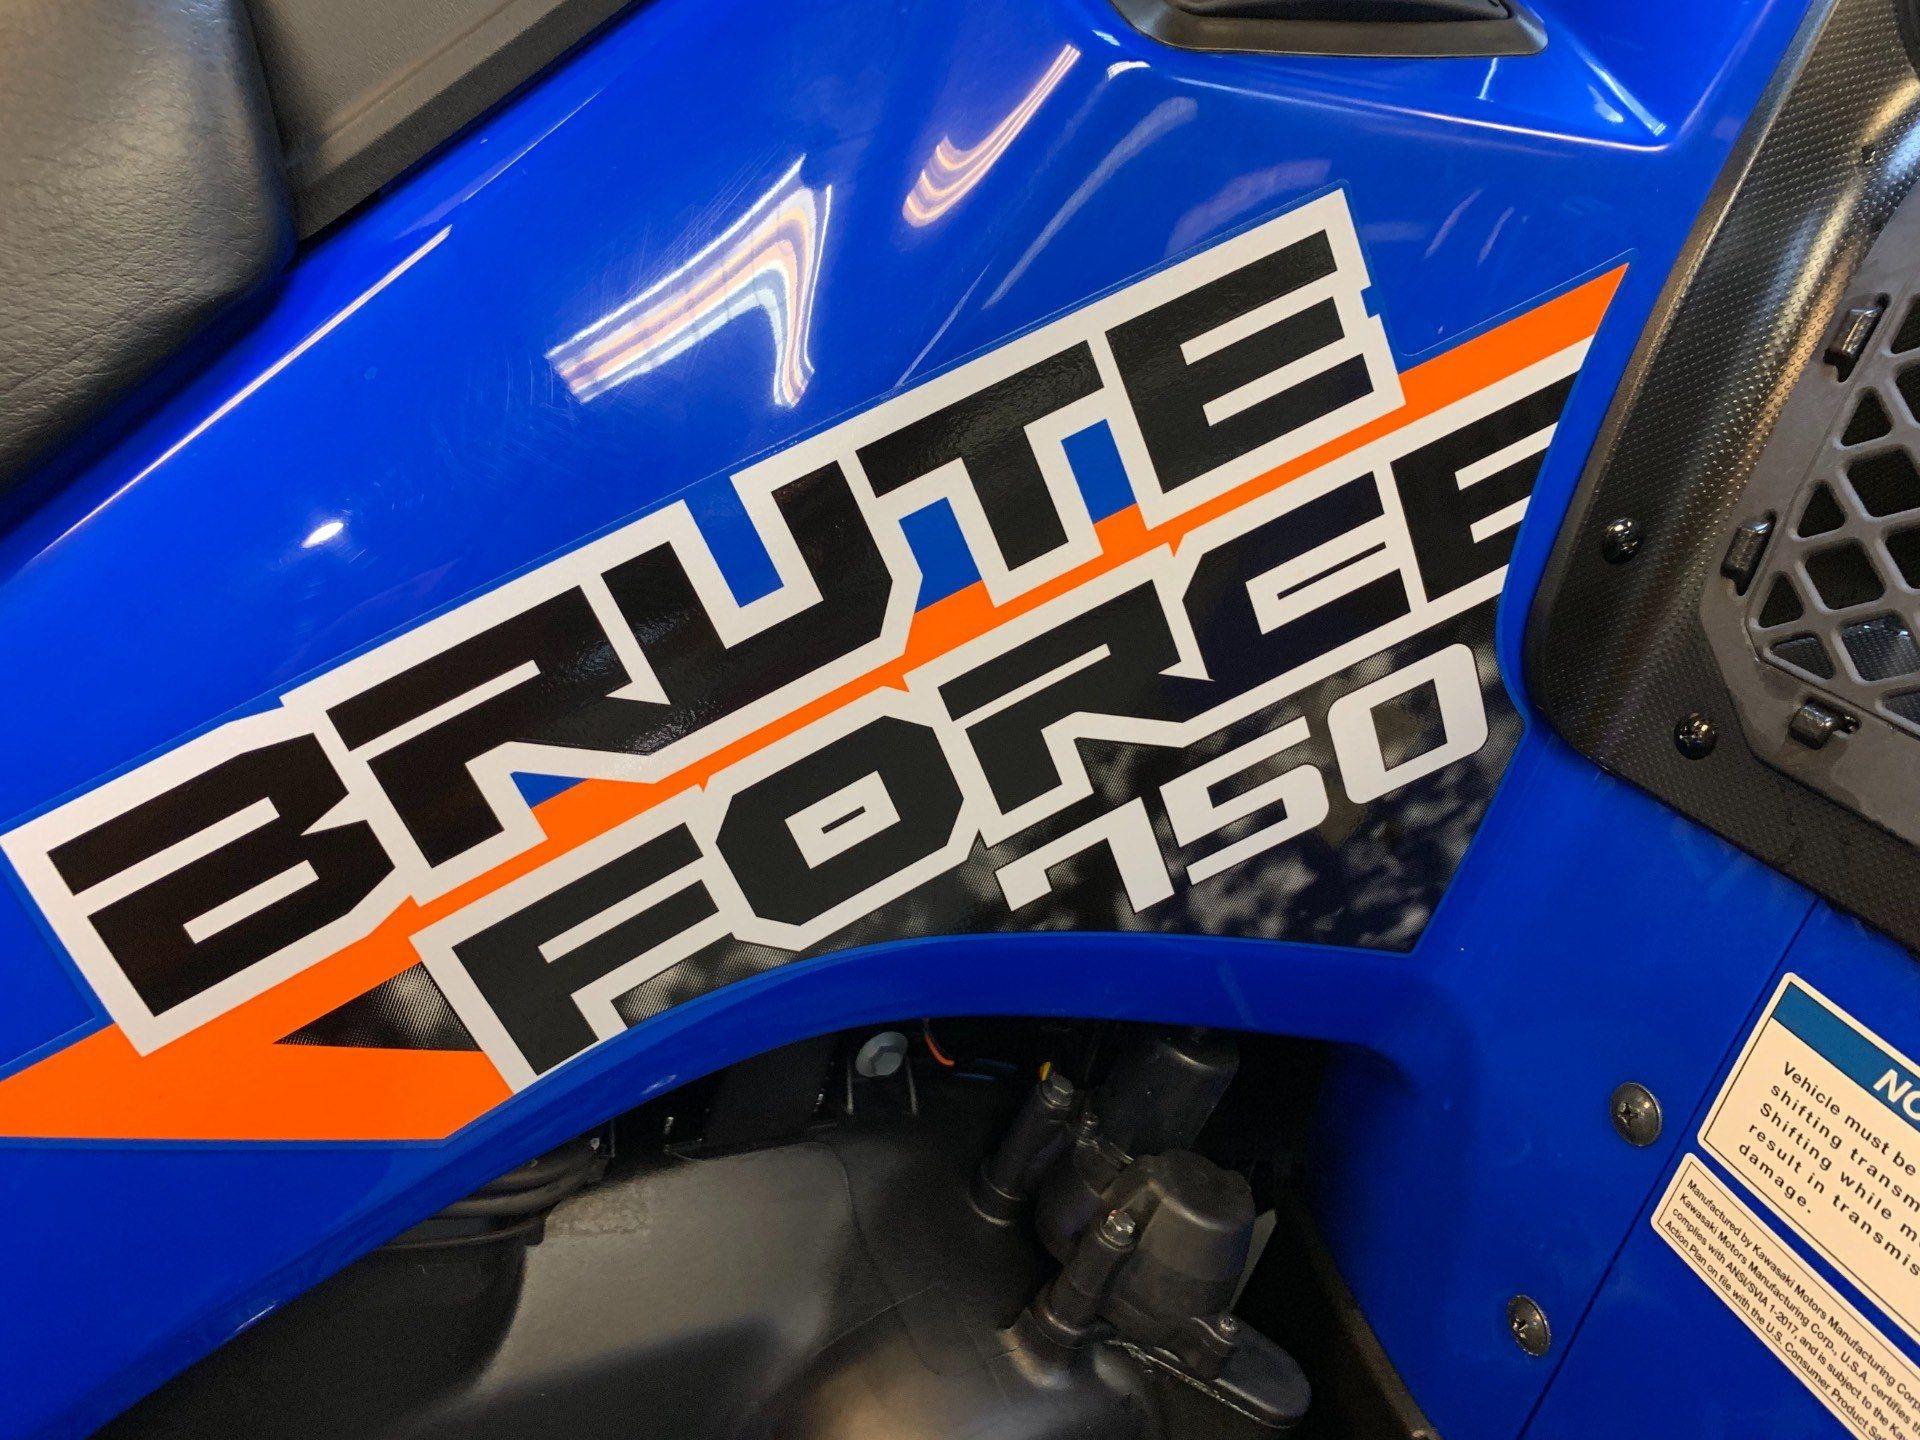 2019 Kawasaki Brute Force 750 4x4i EPS 5